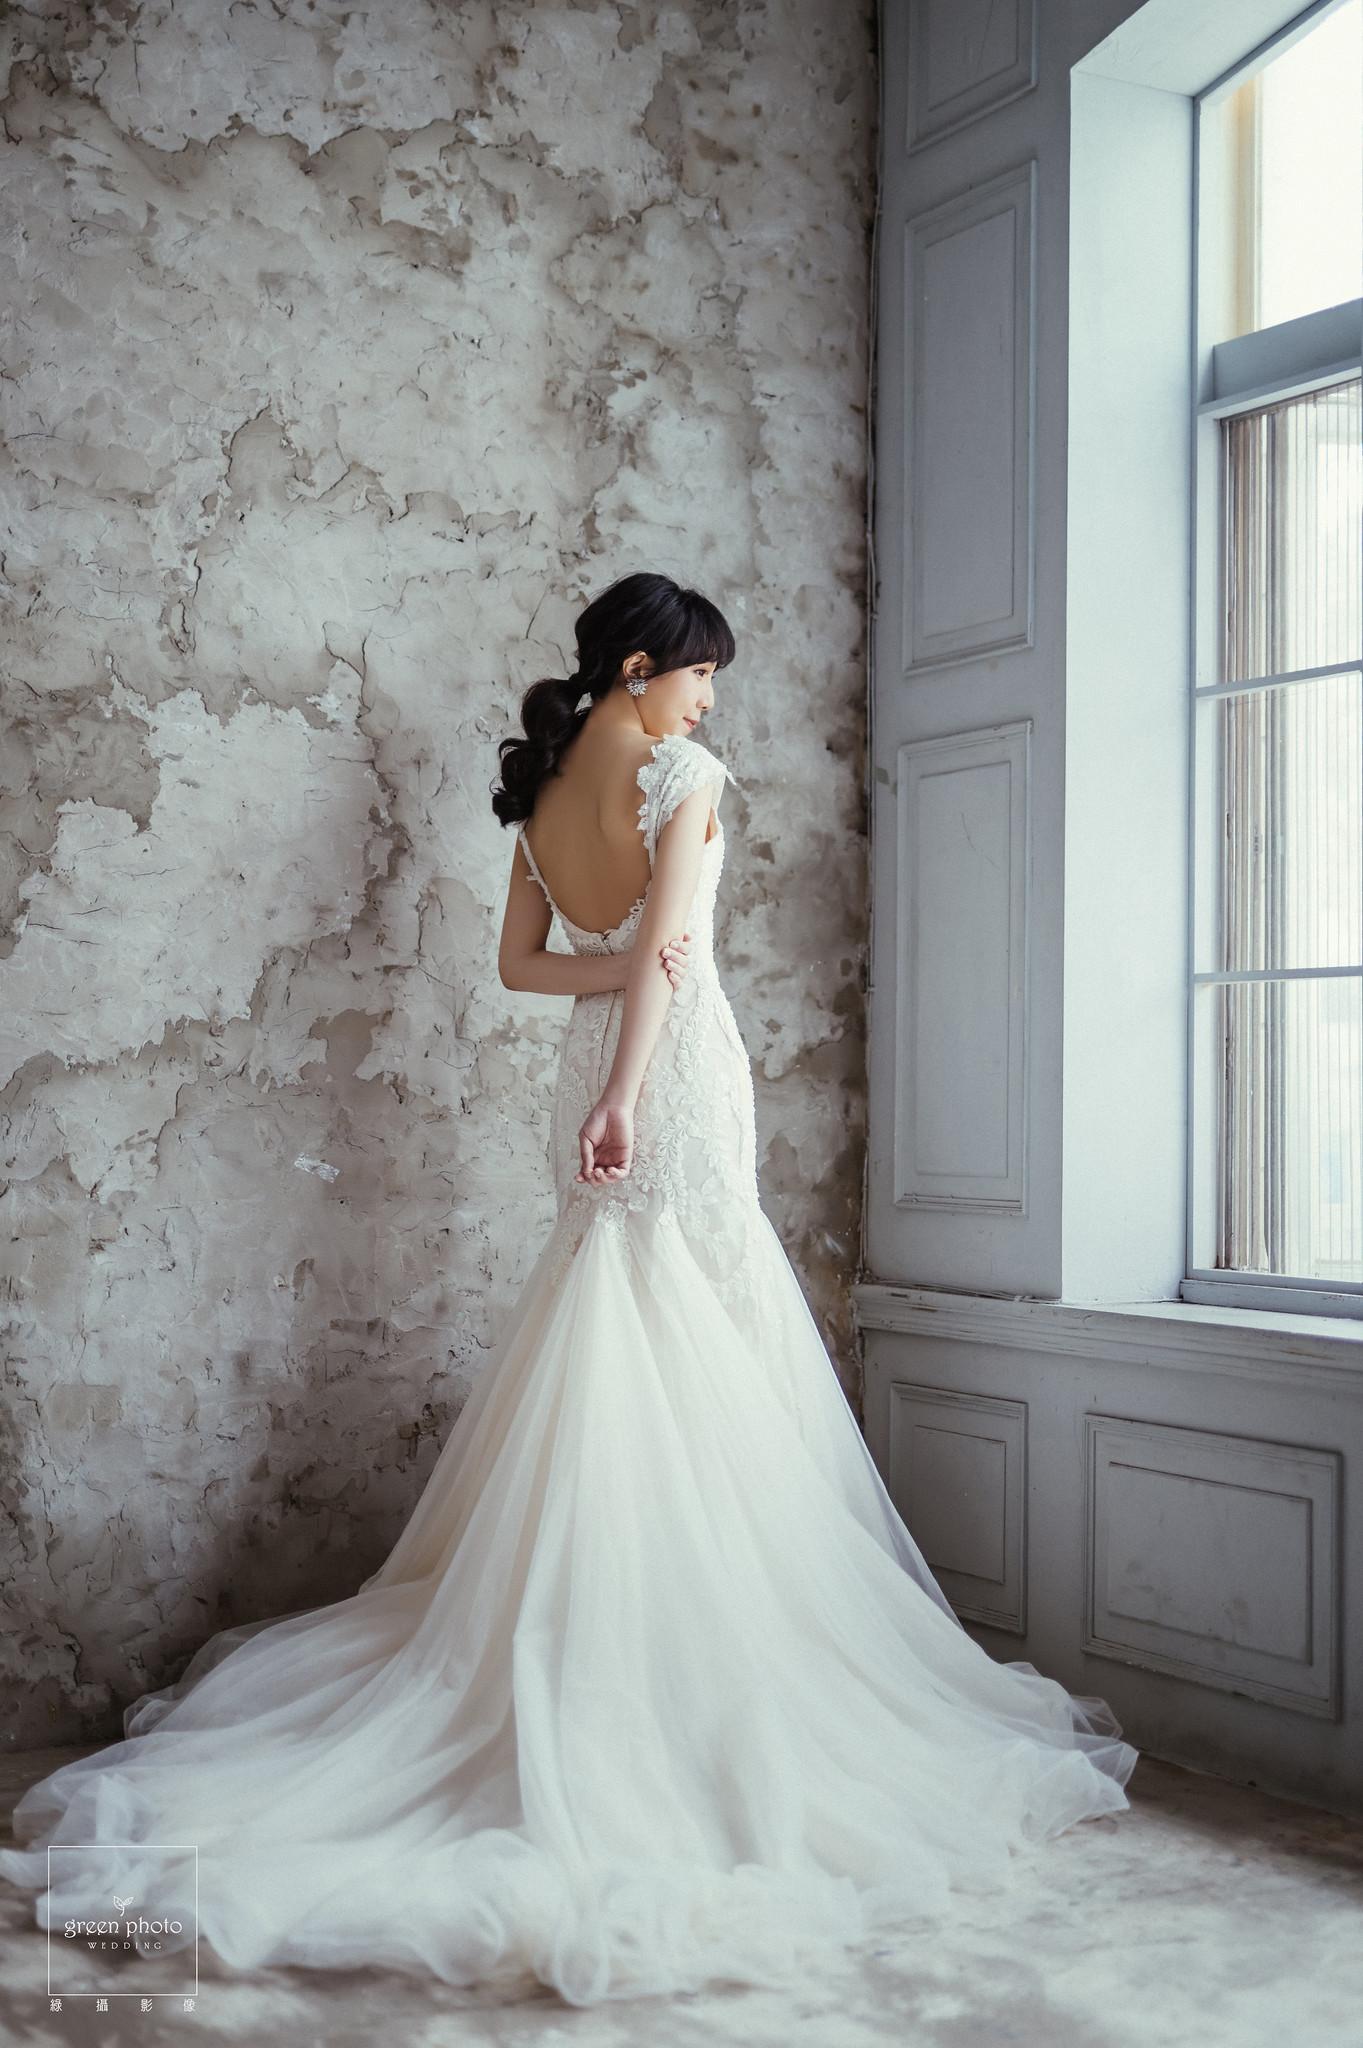 婚紗攝影|台北婚紗|攝影棚婚紗|美式婚紗